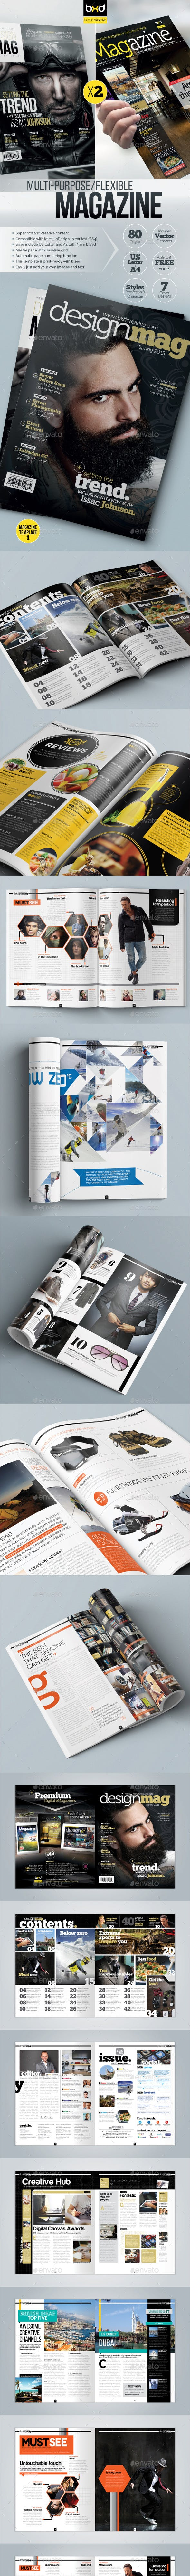 magazine template bundle indesign layout v3 by boxedcreative